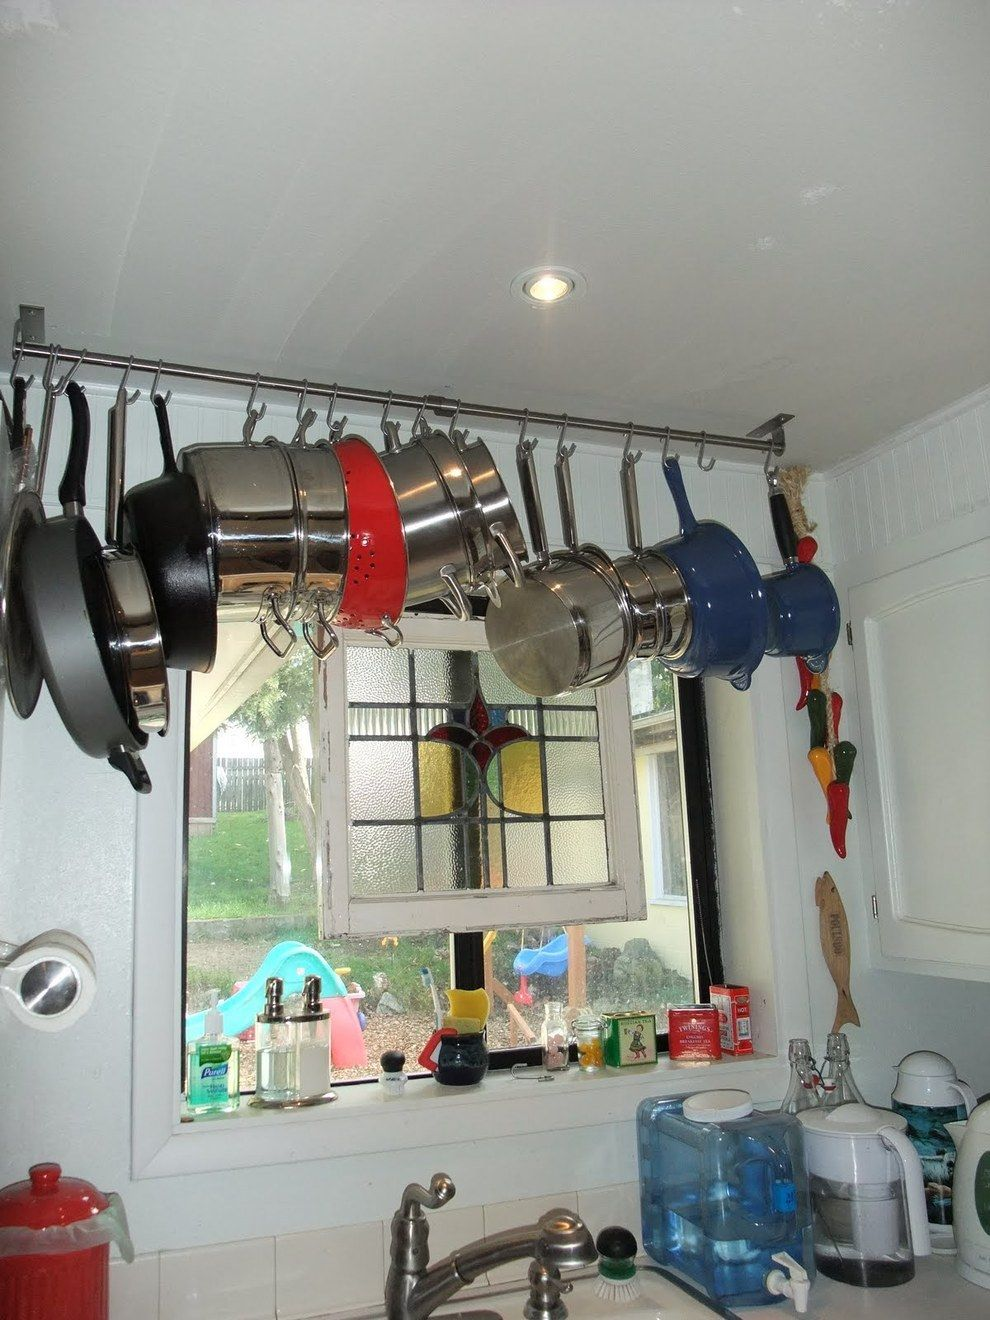 31 Maneras increíblemente ingeniosas de organizar una cocina pequeña